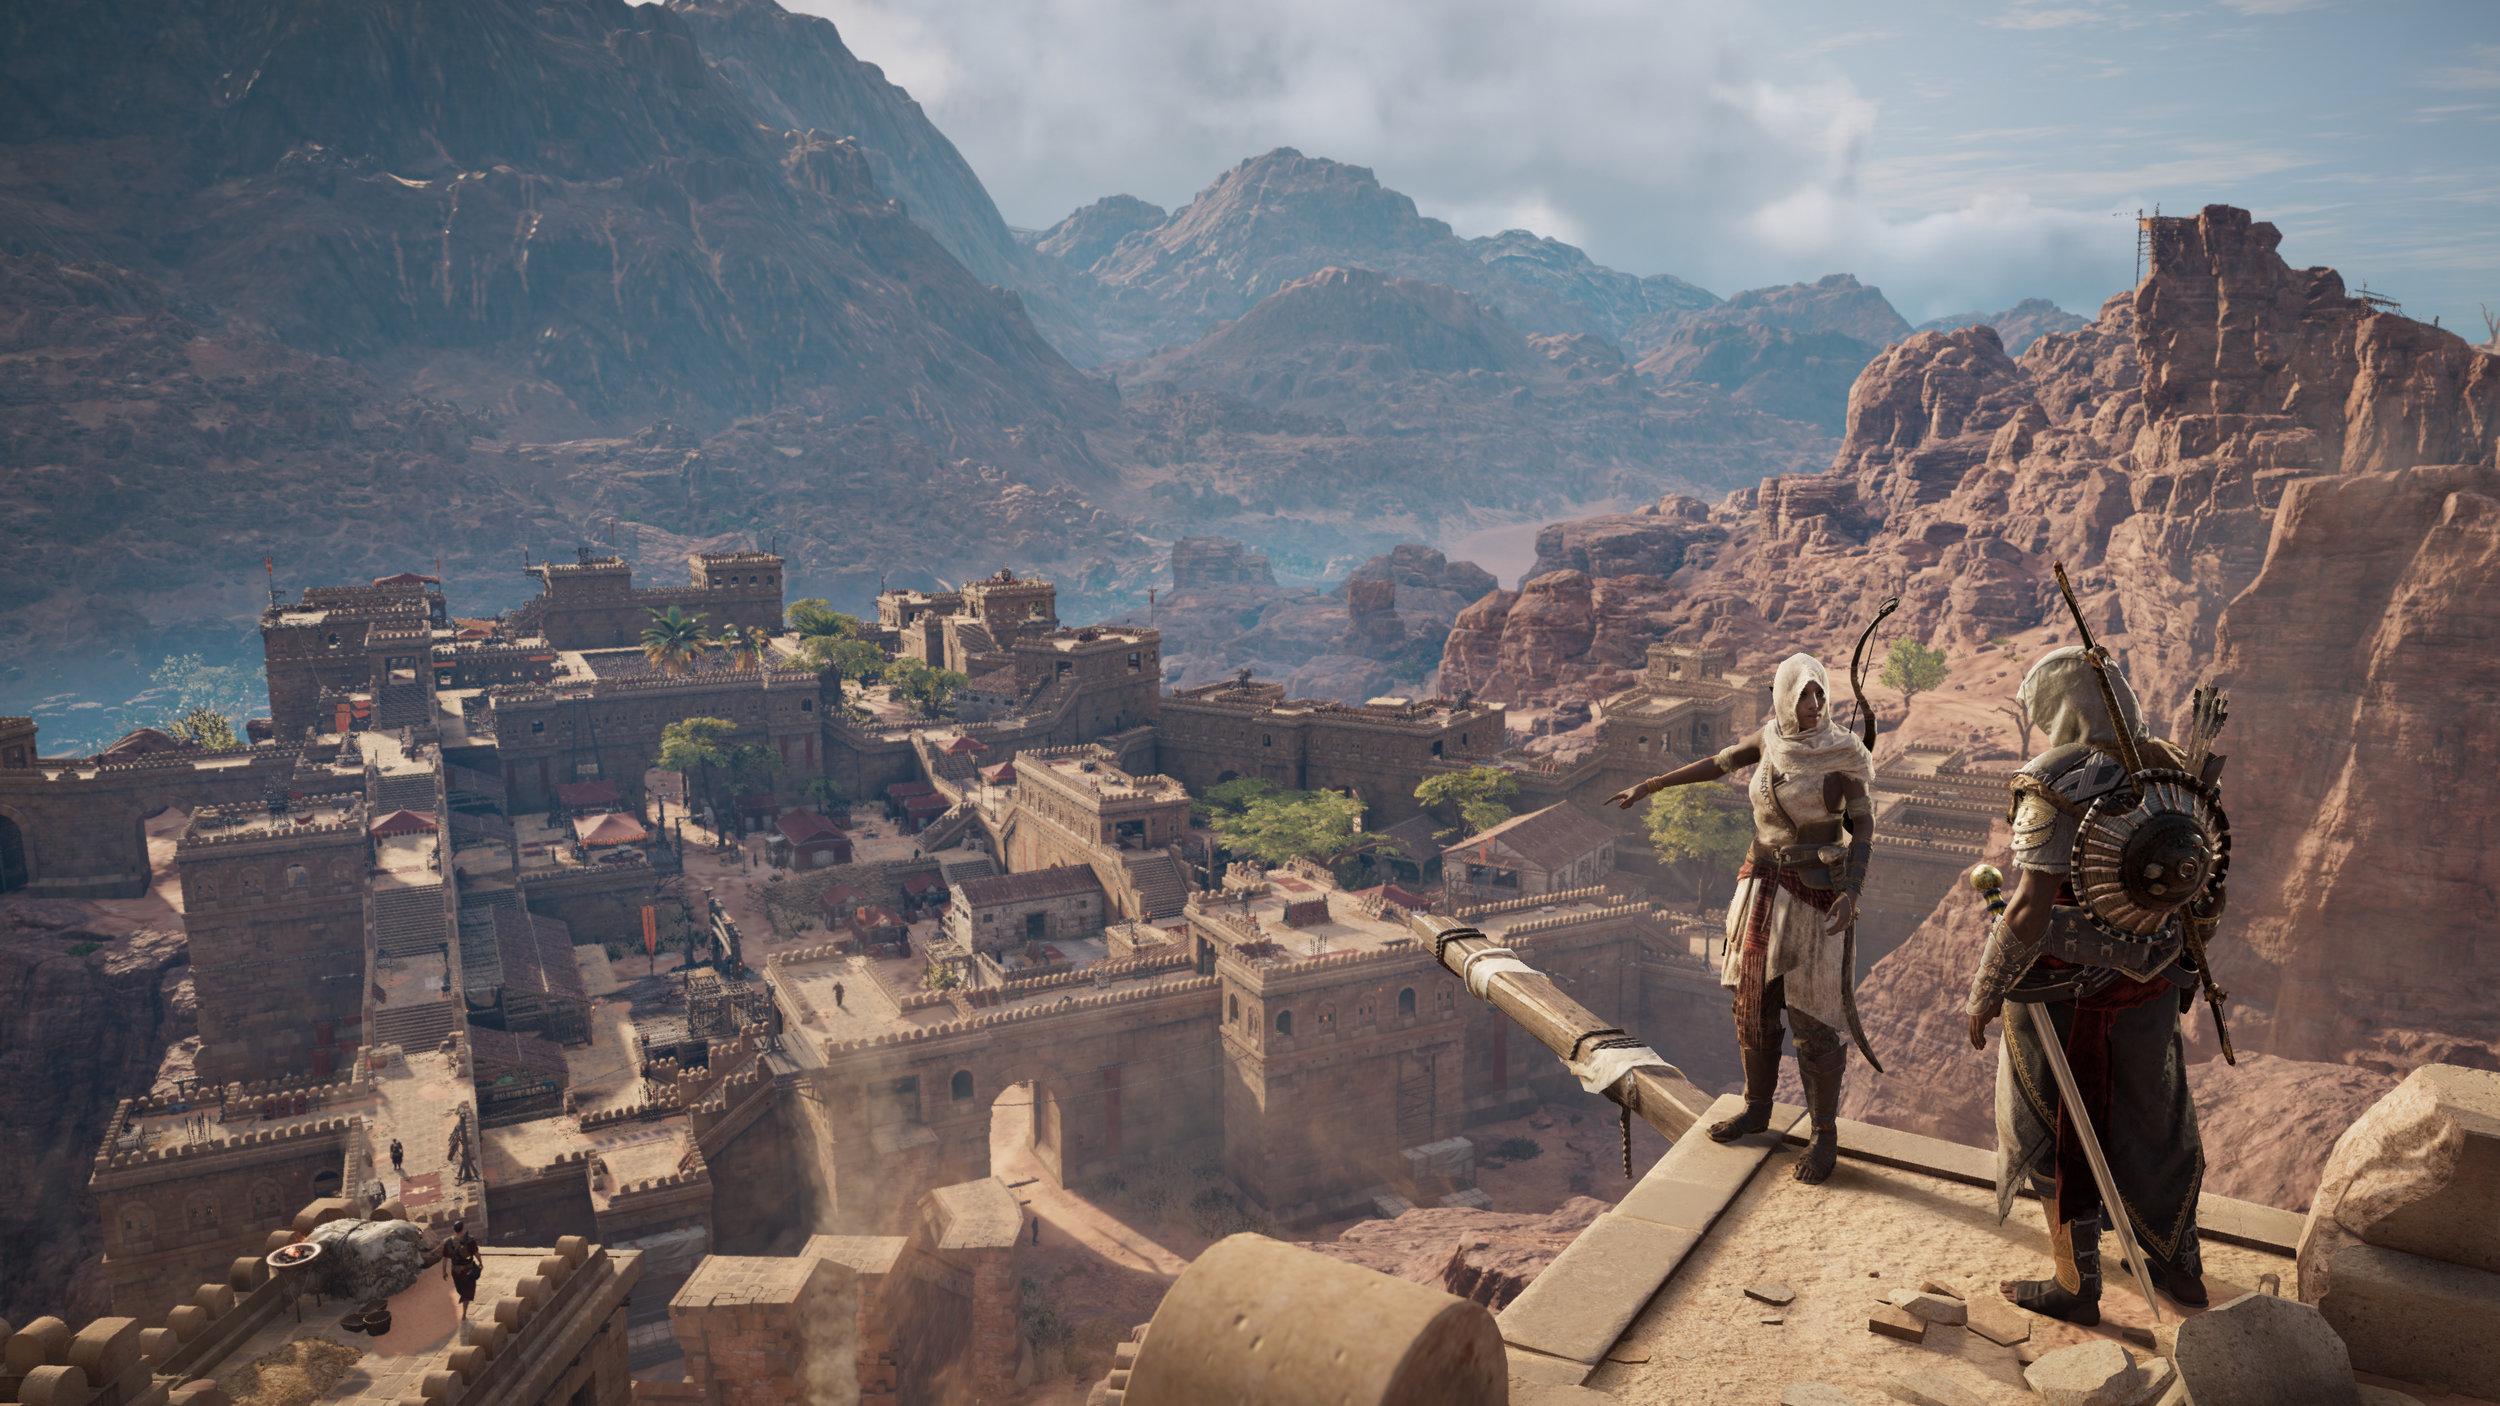 ACO_Screenshot_DLC1_Assassins_1516056415.jpg